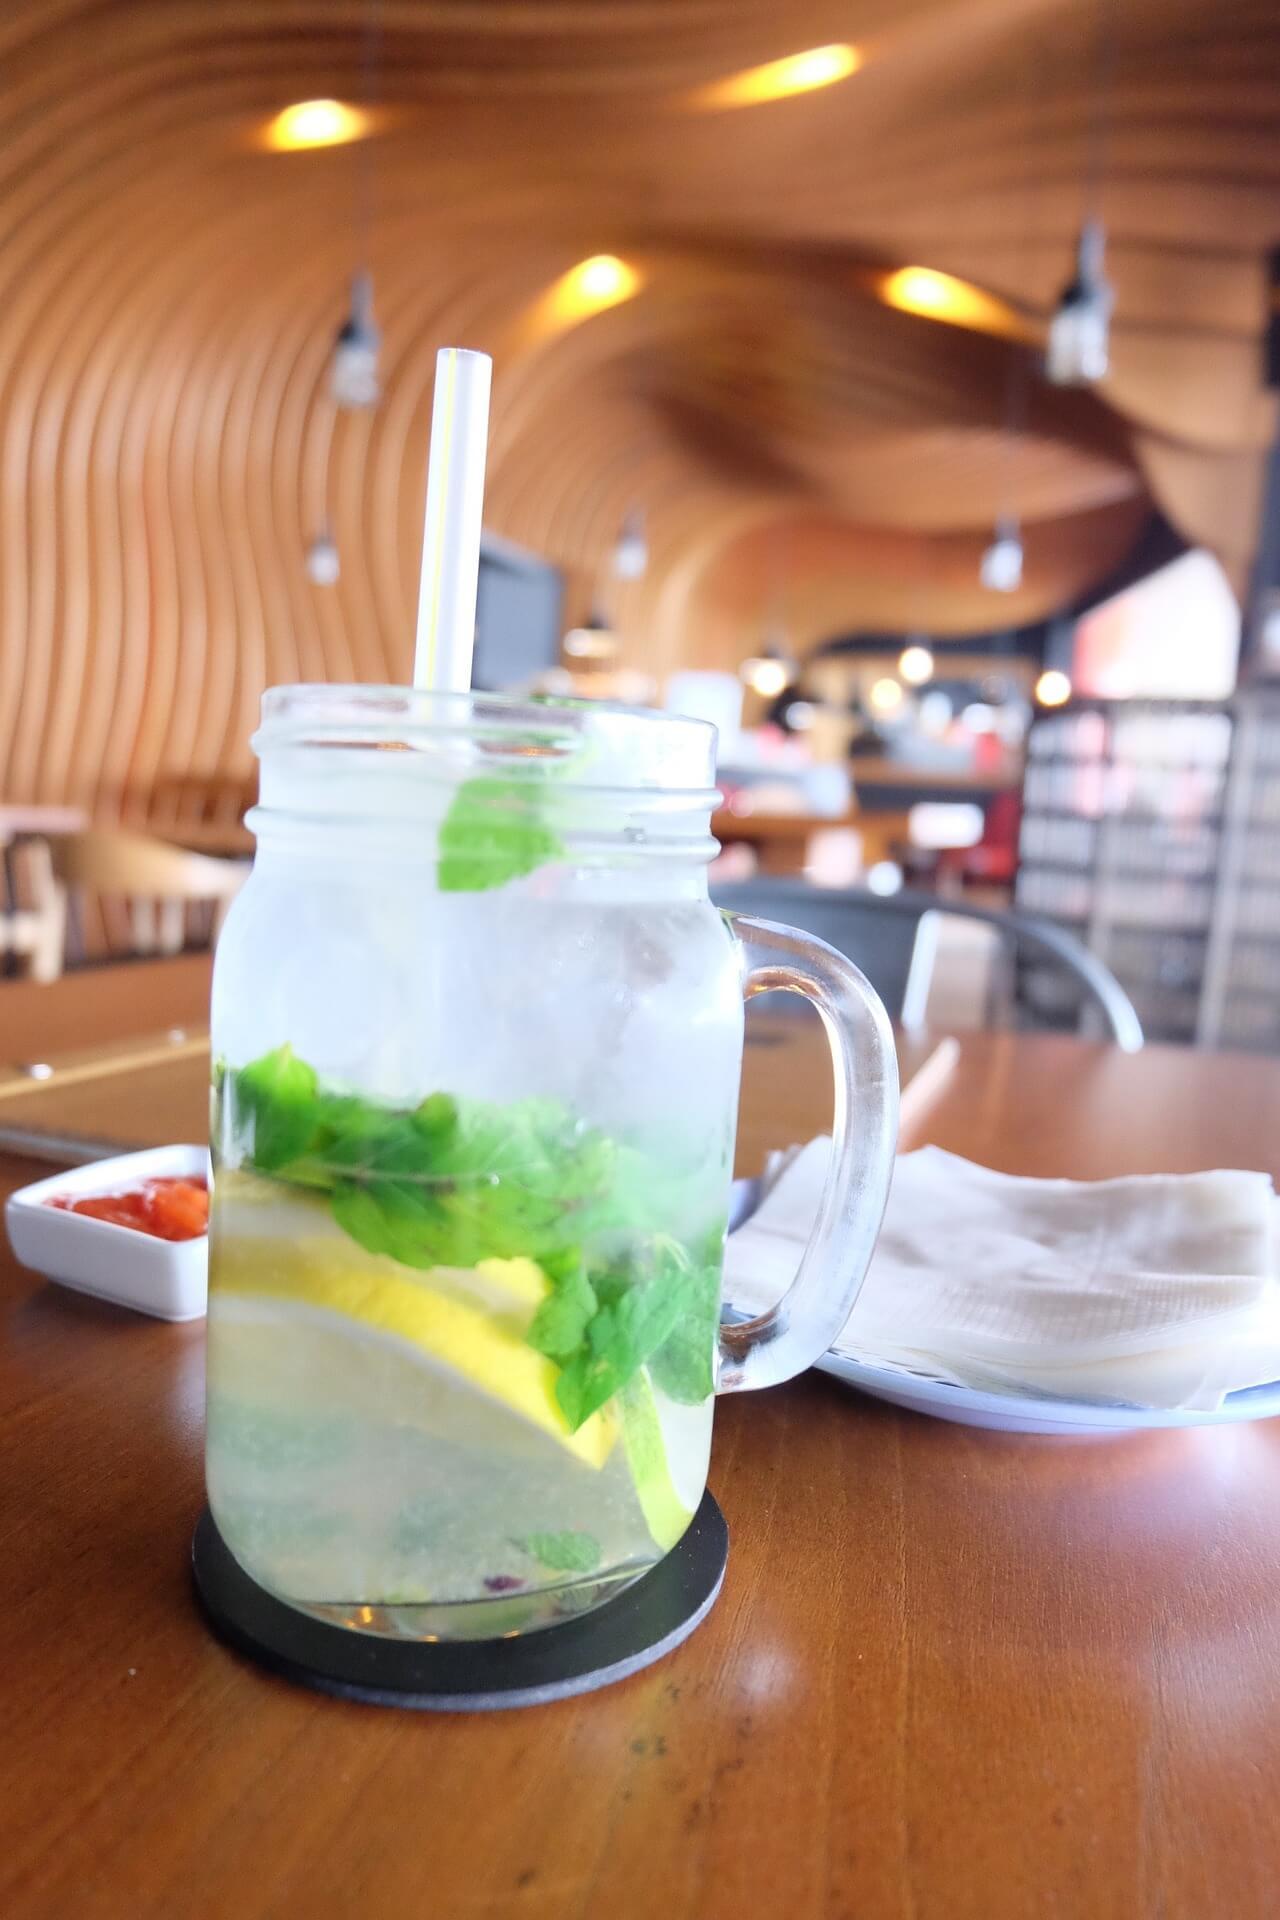 Zitronenlimo im Einmachglas mit Strohhalm